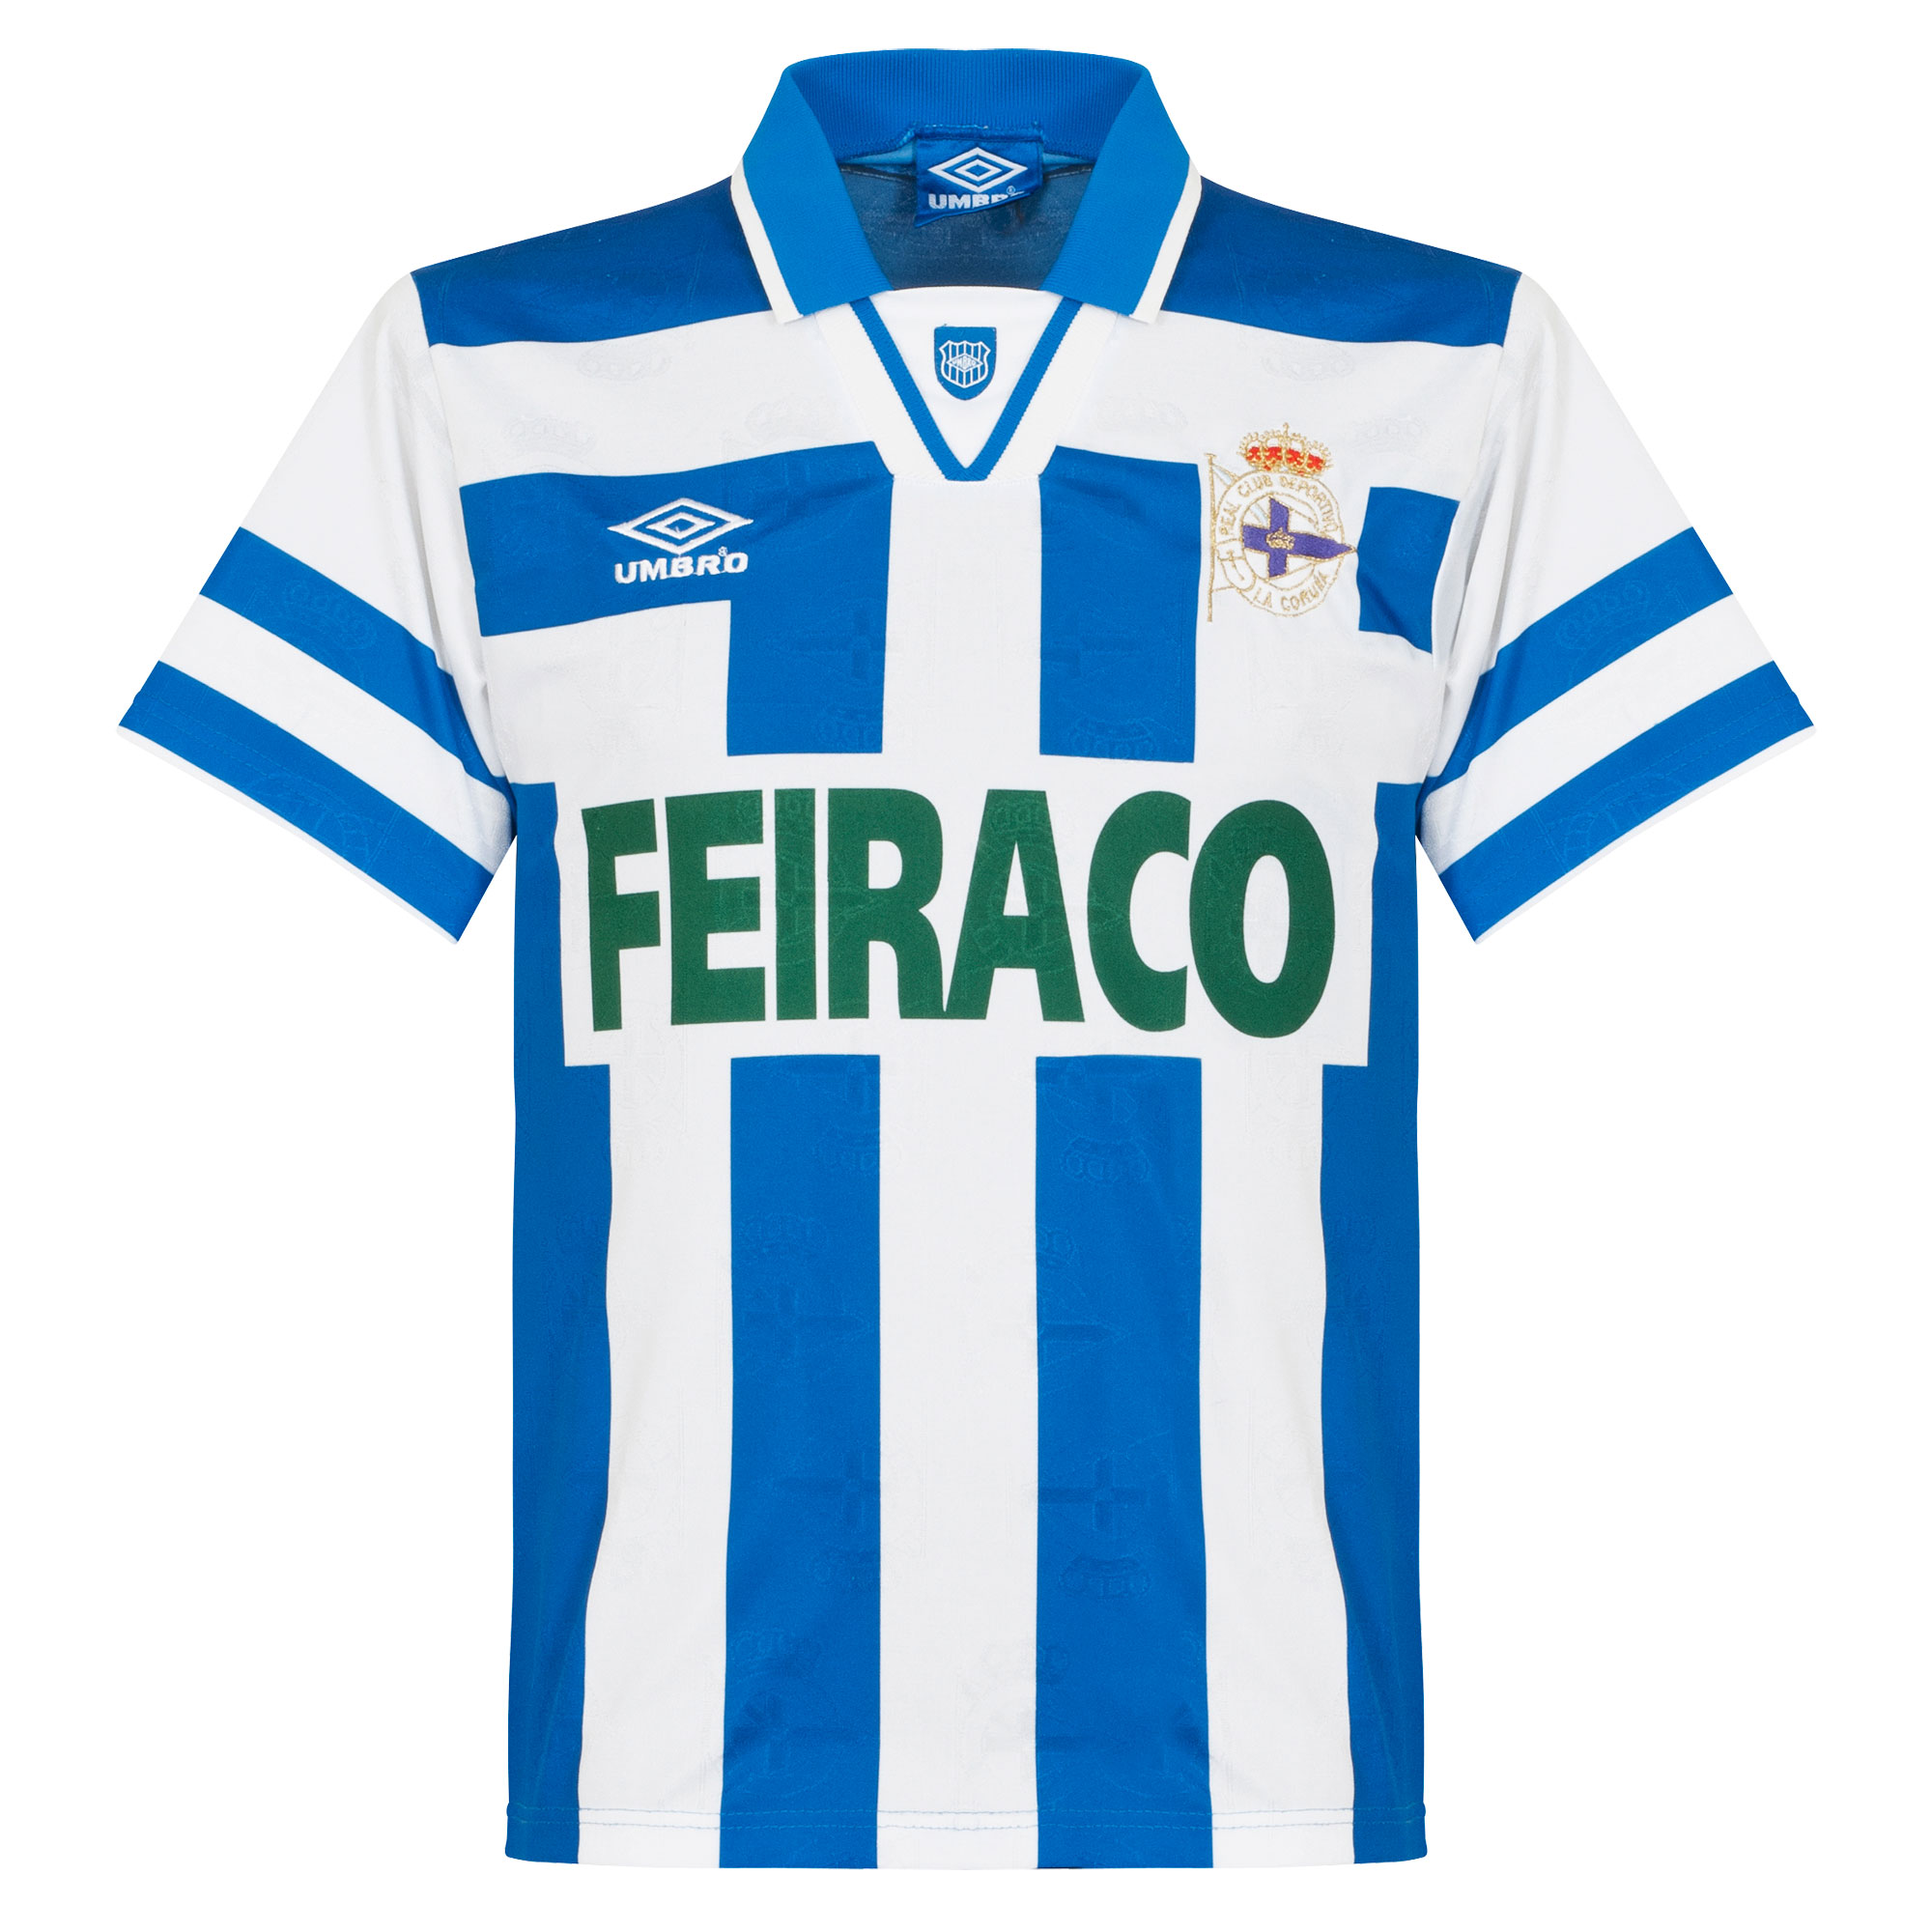 Umbro Deportivo La Coruna 1992-1994 Home Shirt - USED Condition (Excellent)